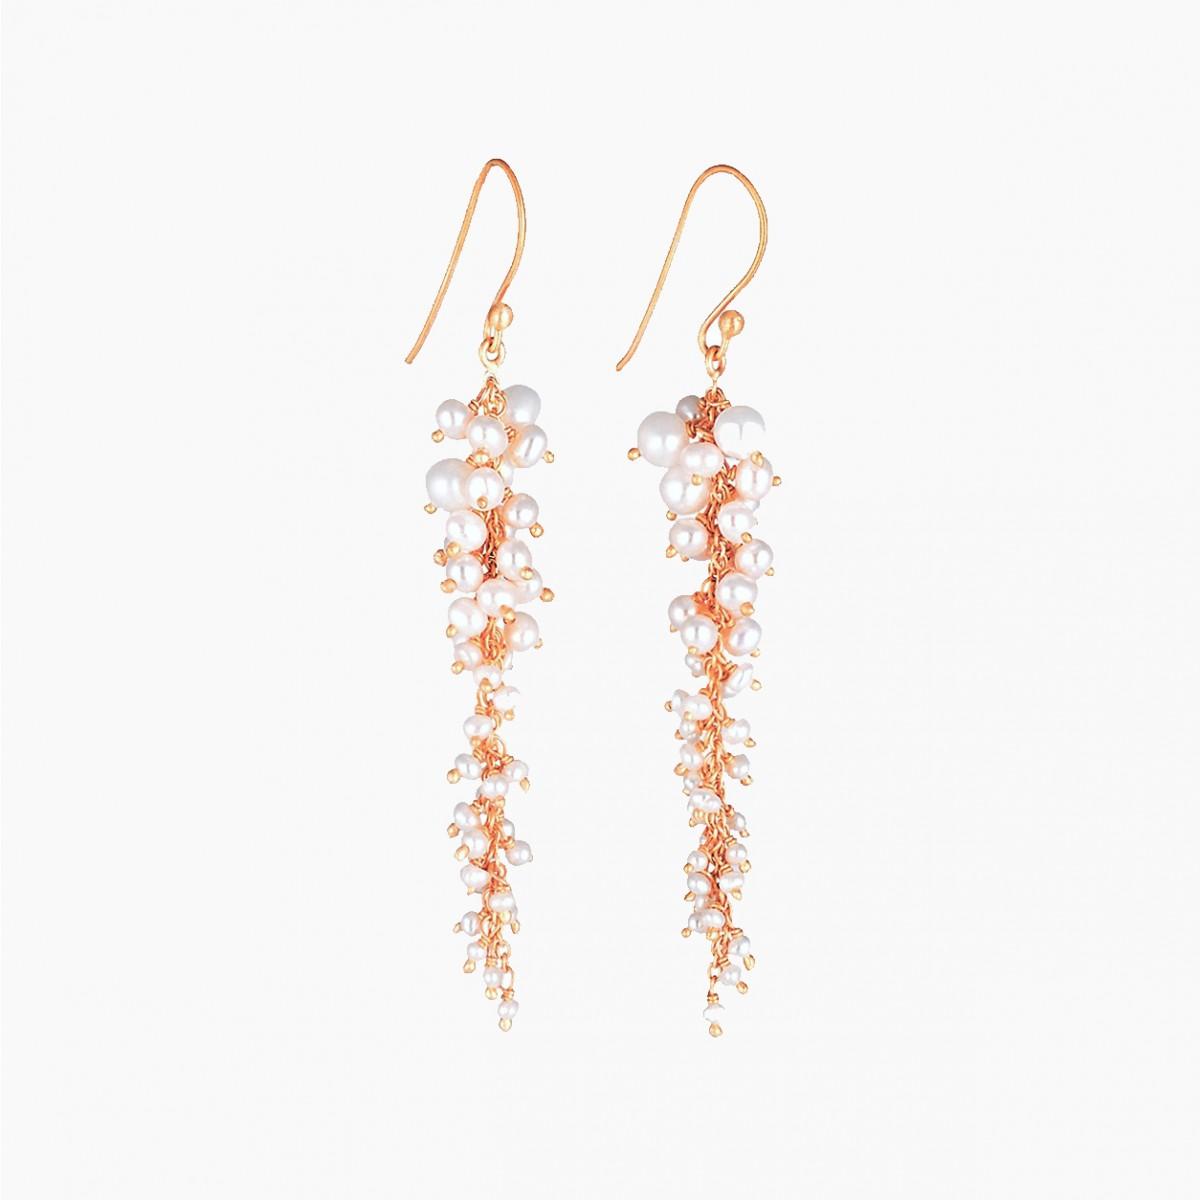 Chameli pearl chandelier earrings